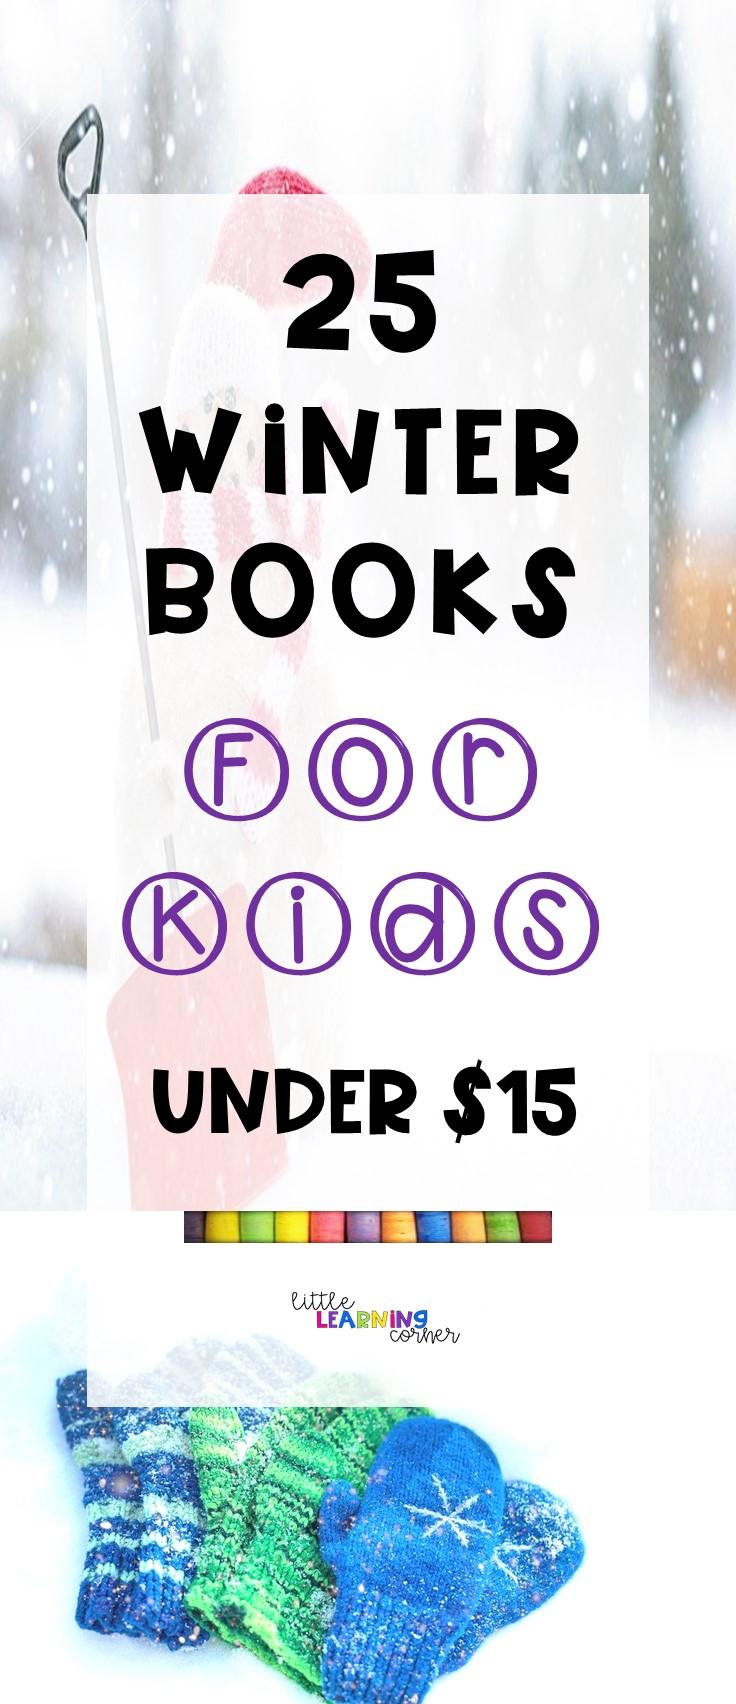 winter-books-for-kids-little-learning-corner-pin